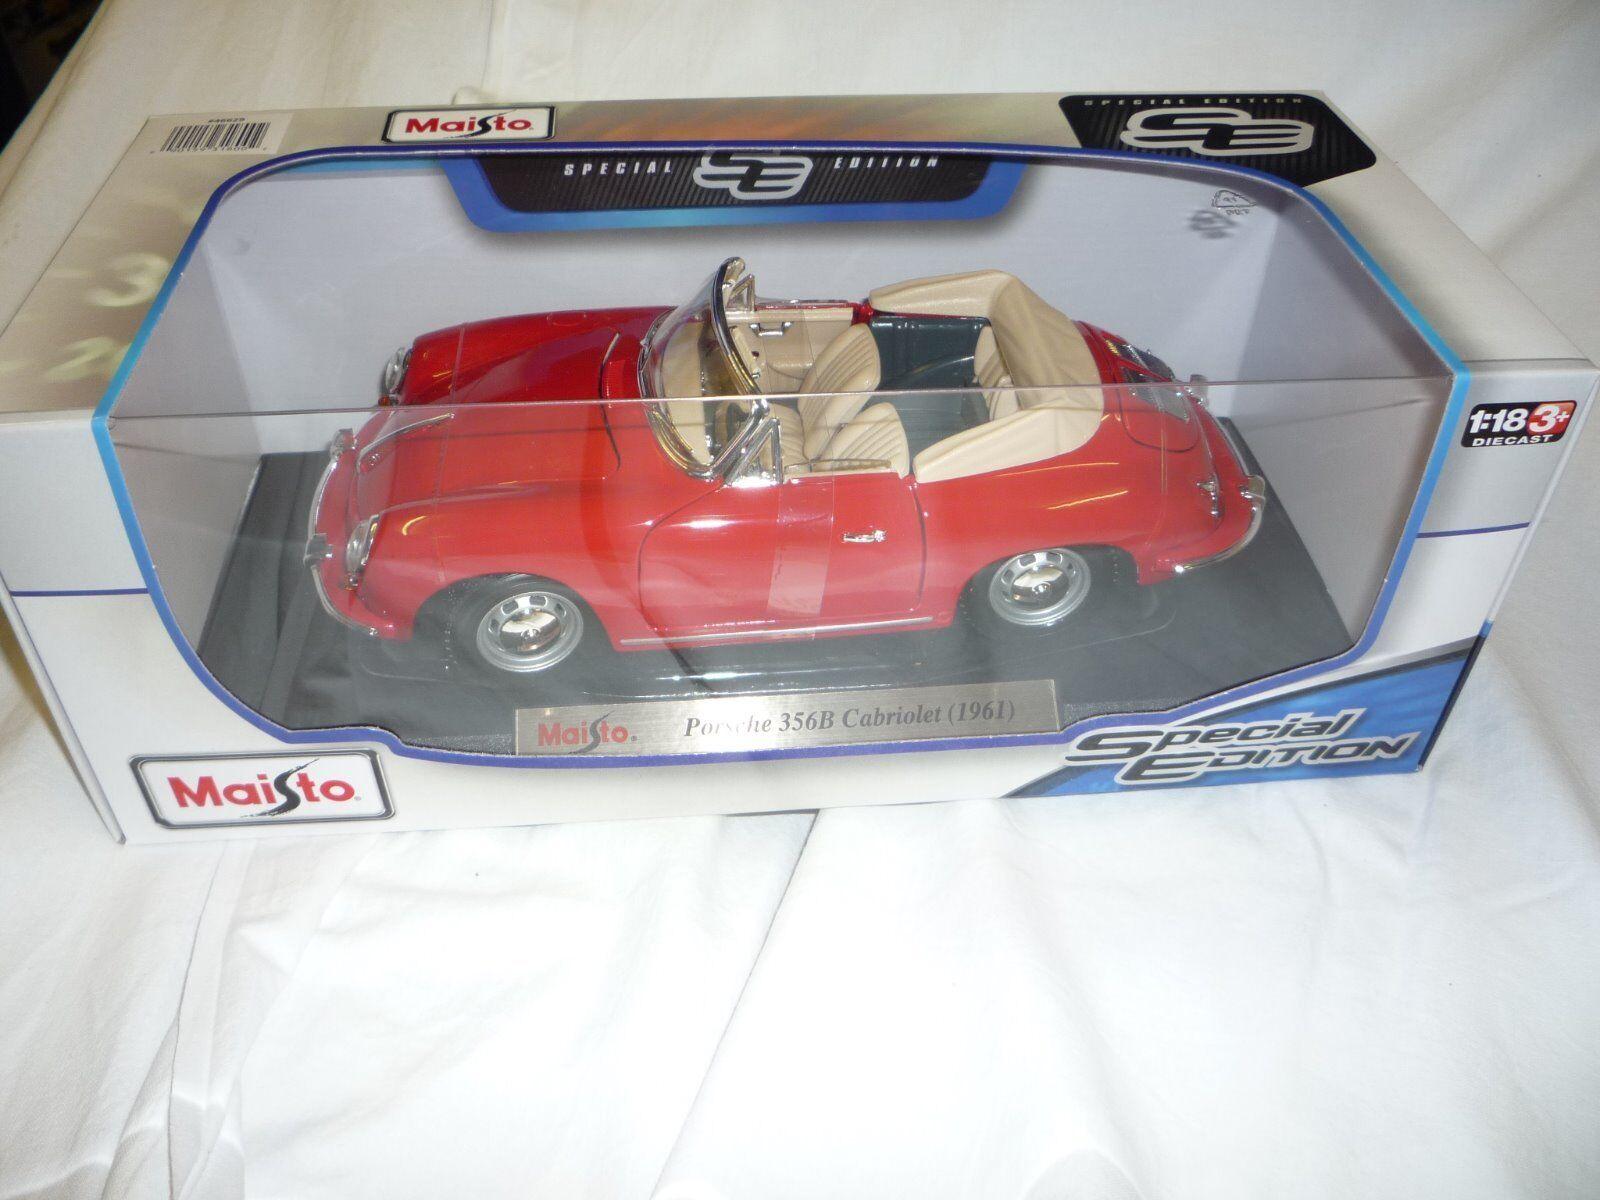 rosso-Porsche 356B Cabrio (1961) coches de fundición de metal con piezas de plástico